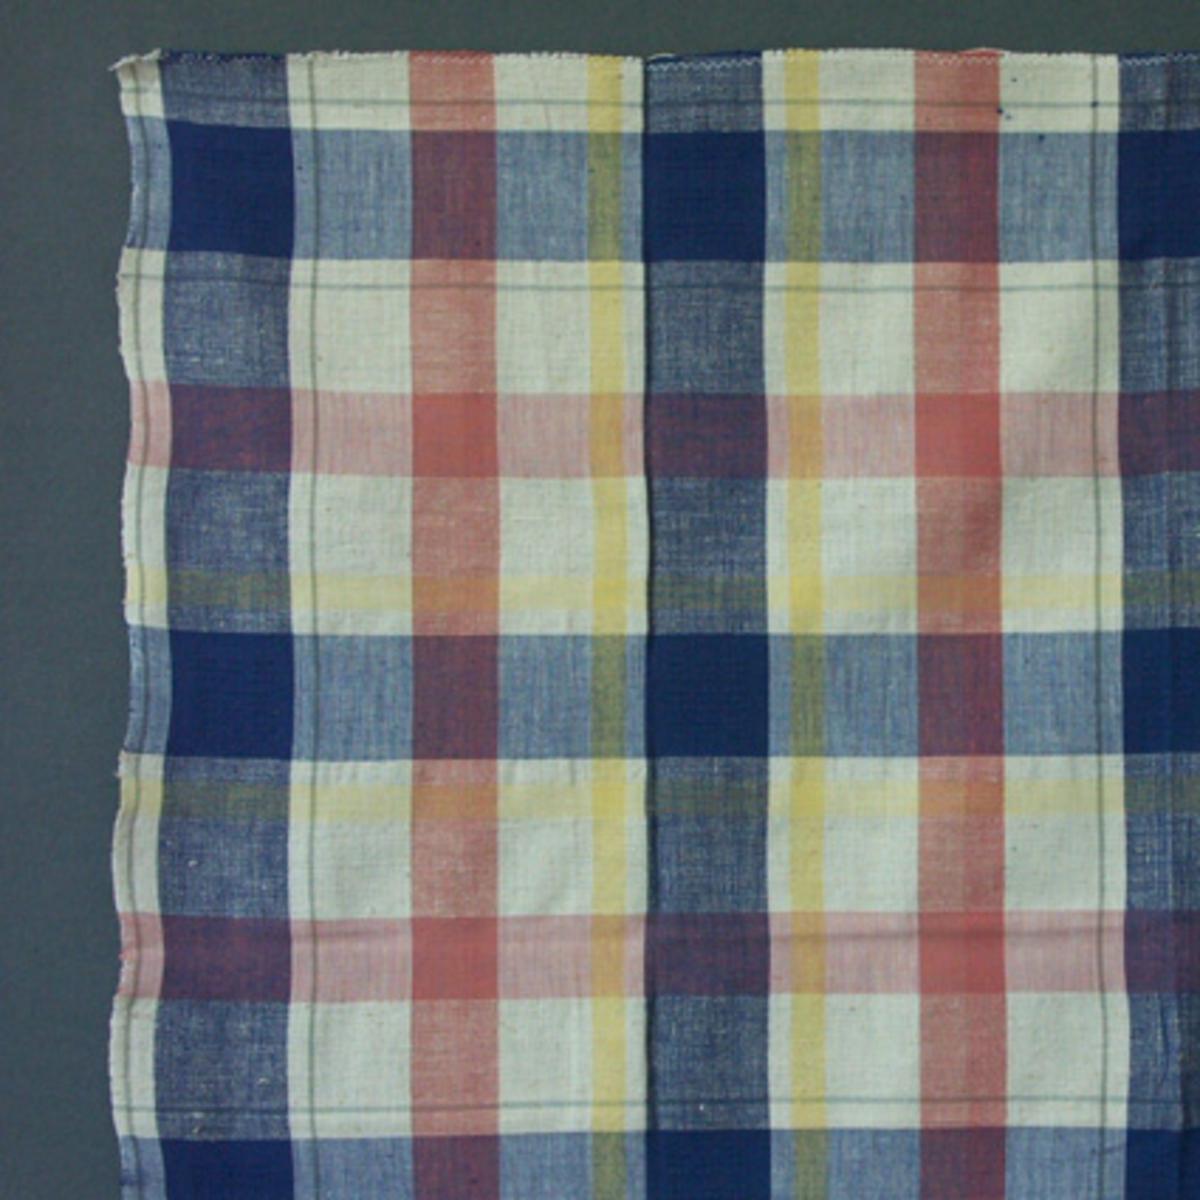 Rutigt duktyg i tuskaft med partier av stramaljbindning i de mörkblå rutorna. Tyget har bomullsgarn i varp och bomull och cottolin i inslag och mönsterpartier i rosa, blå, gul och grå färg.